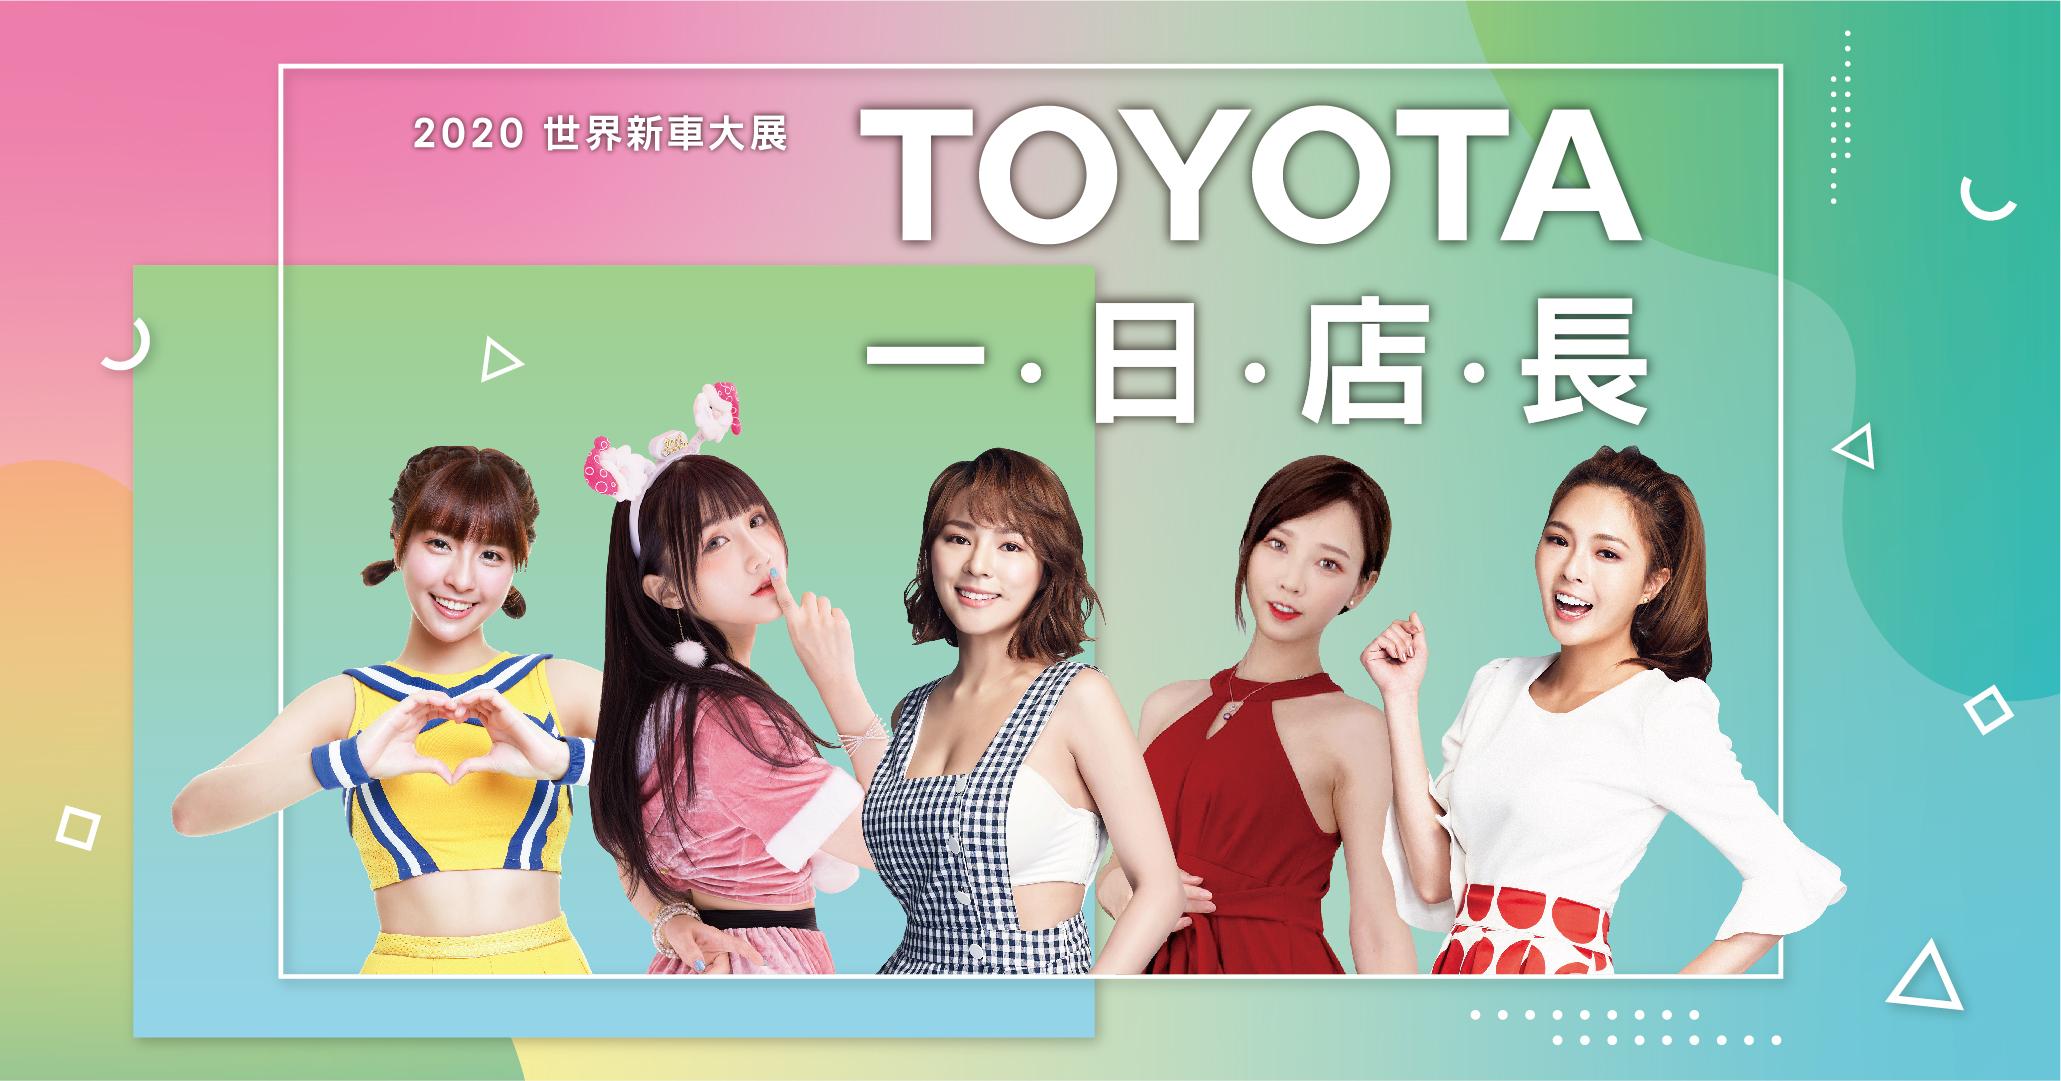 【2020 台北車展】Toyota 世界新車大展,凱渥名模、UPUP 舉牌小人、喬喬兒齊聚!